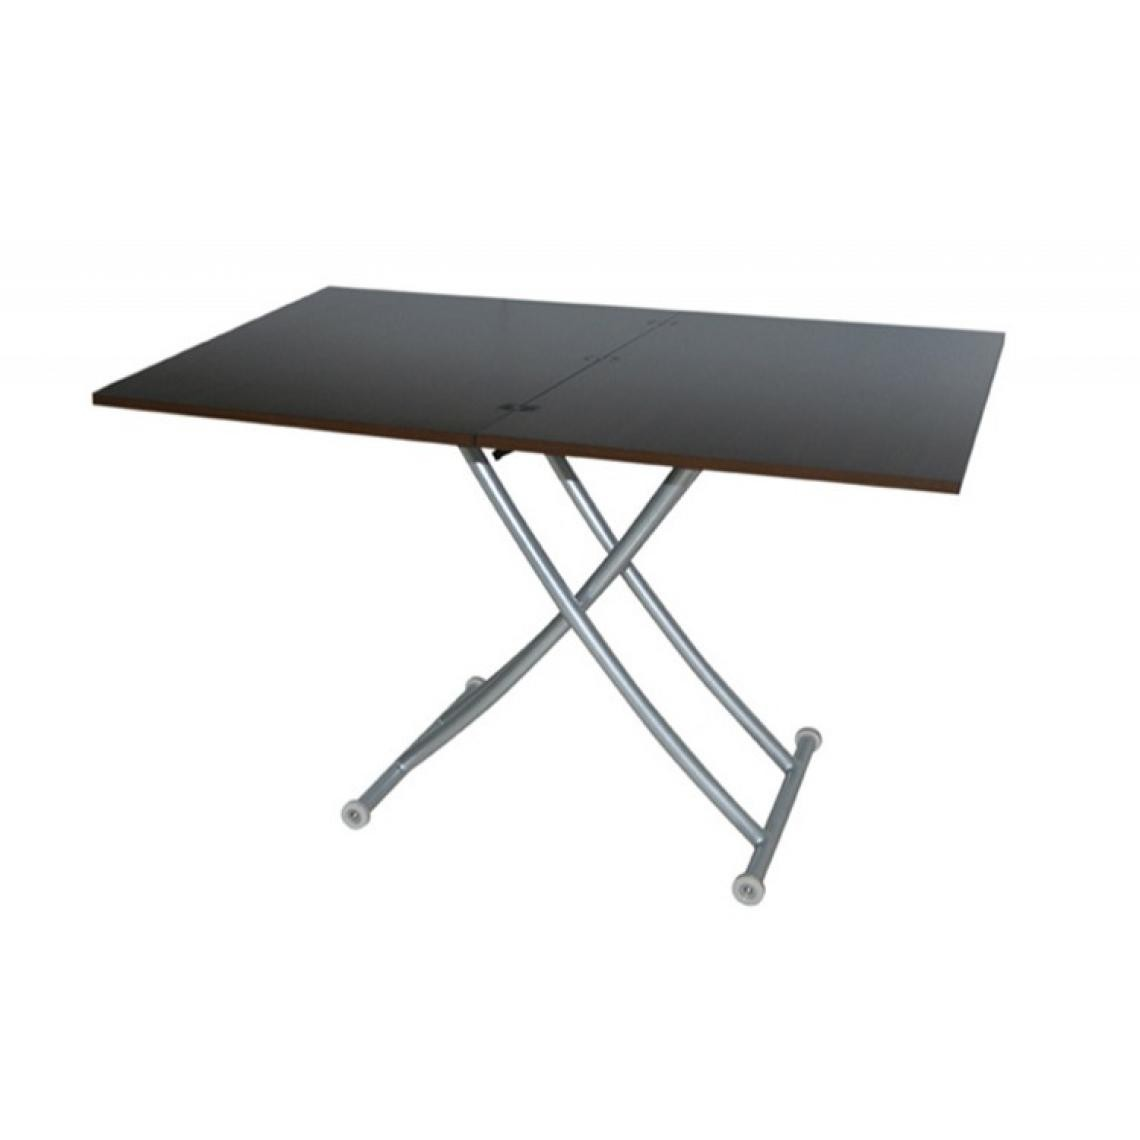 Basse Relevable Extensible Table Wenge 100x60x76 Ella srdtxQhC